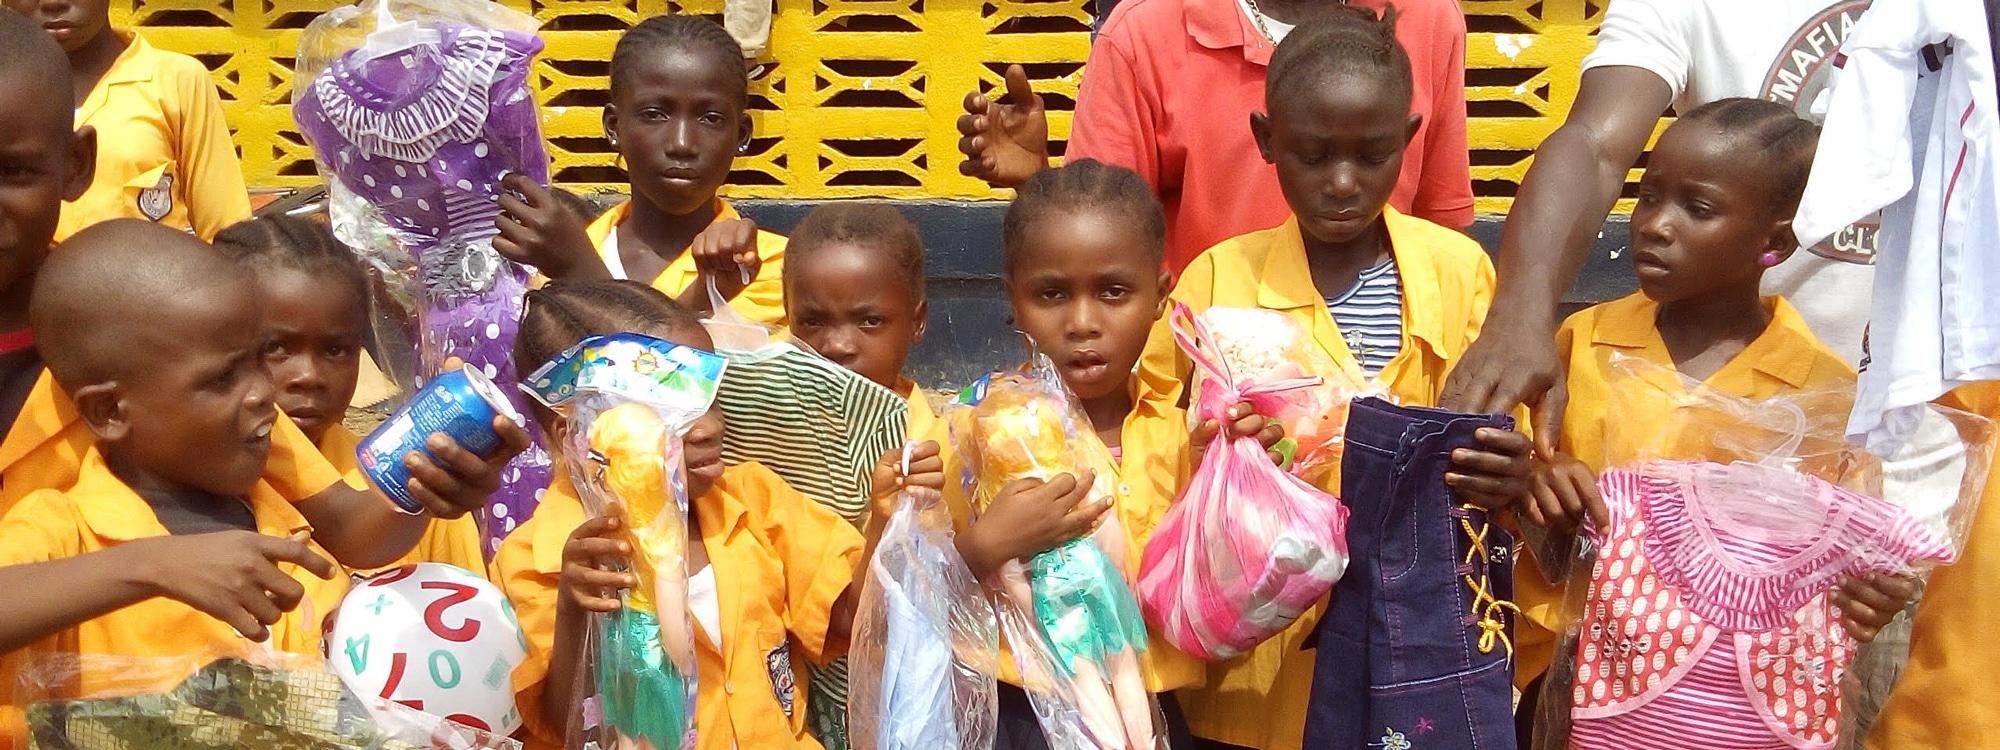 Barn håller i matpaket